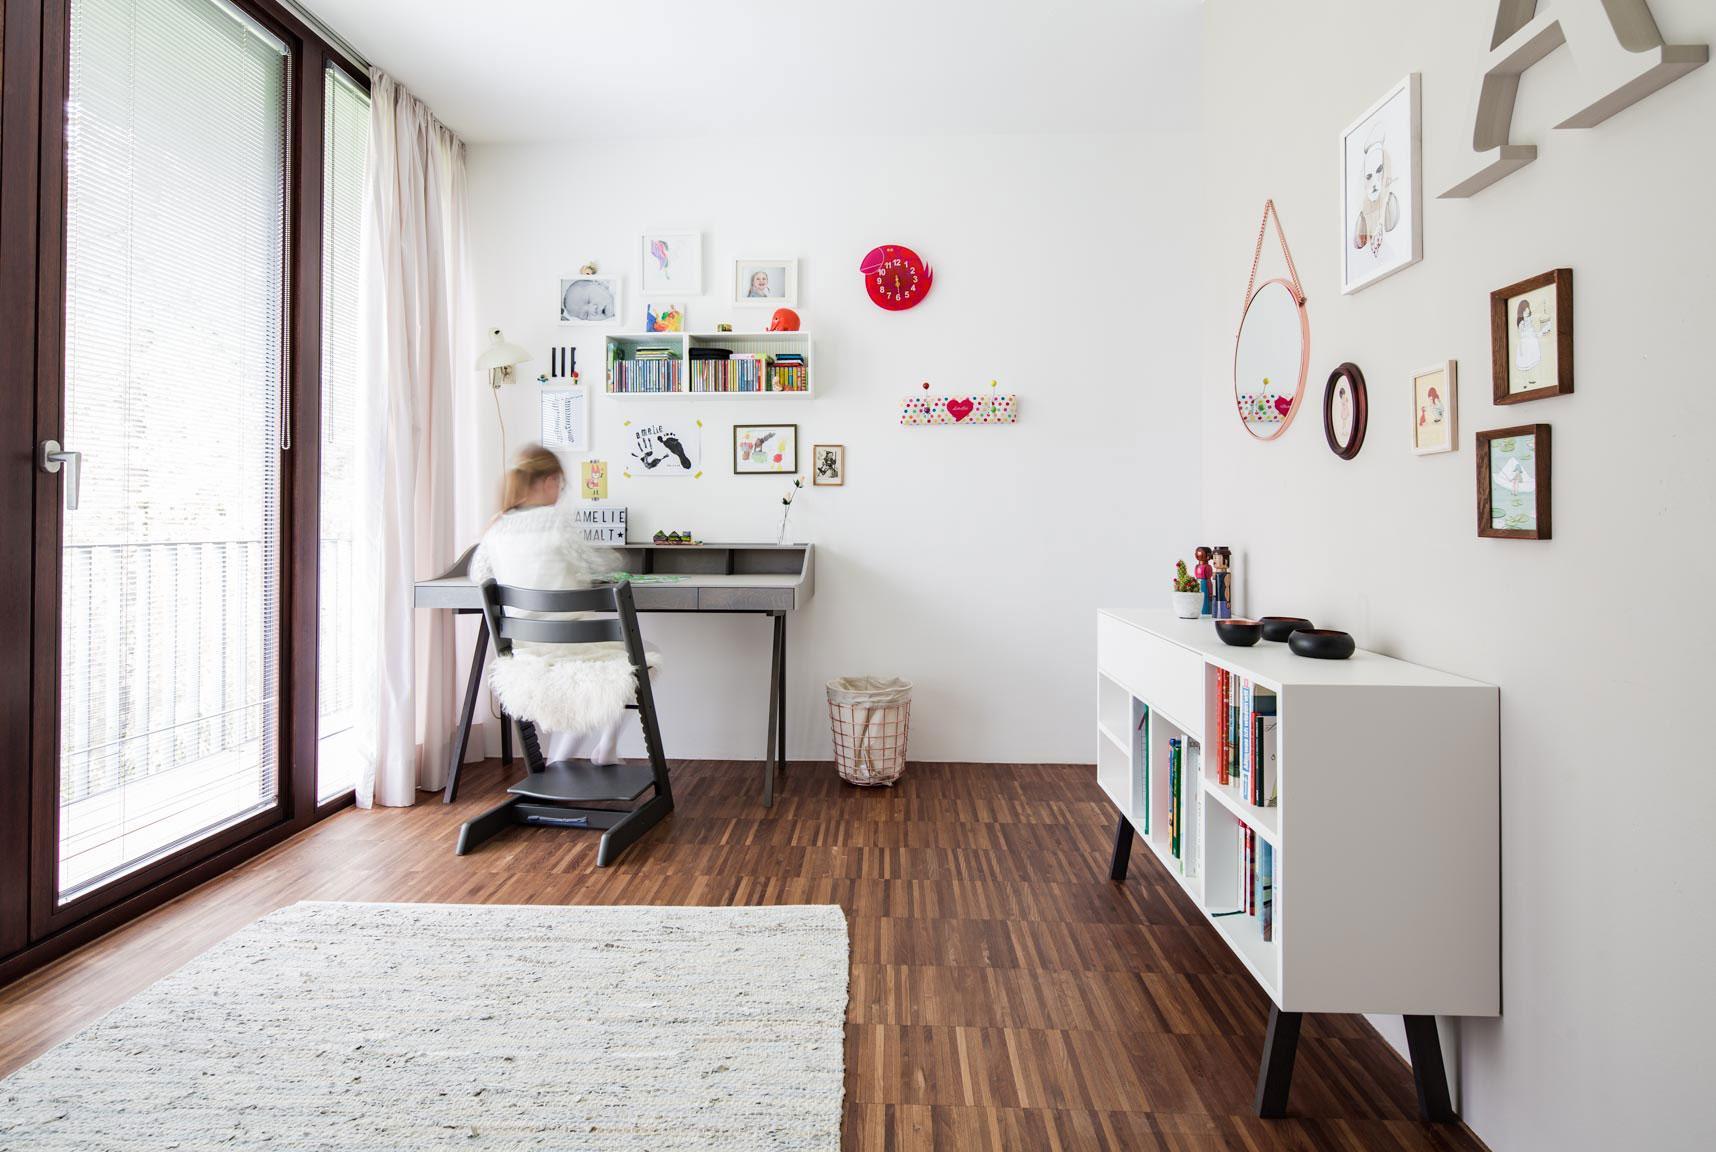 Innenarchitektur Schreibtisch Diy Beste Wahl Mädchenzimmer | Arbeitsplatz #schreibtisch #diy ©heike Schwarzfischer